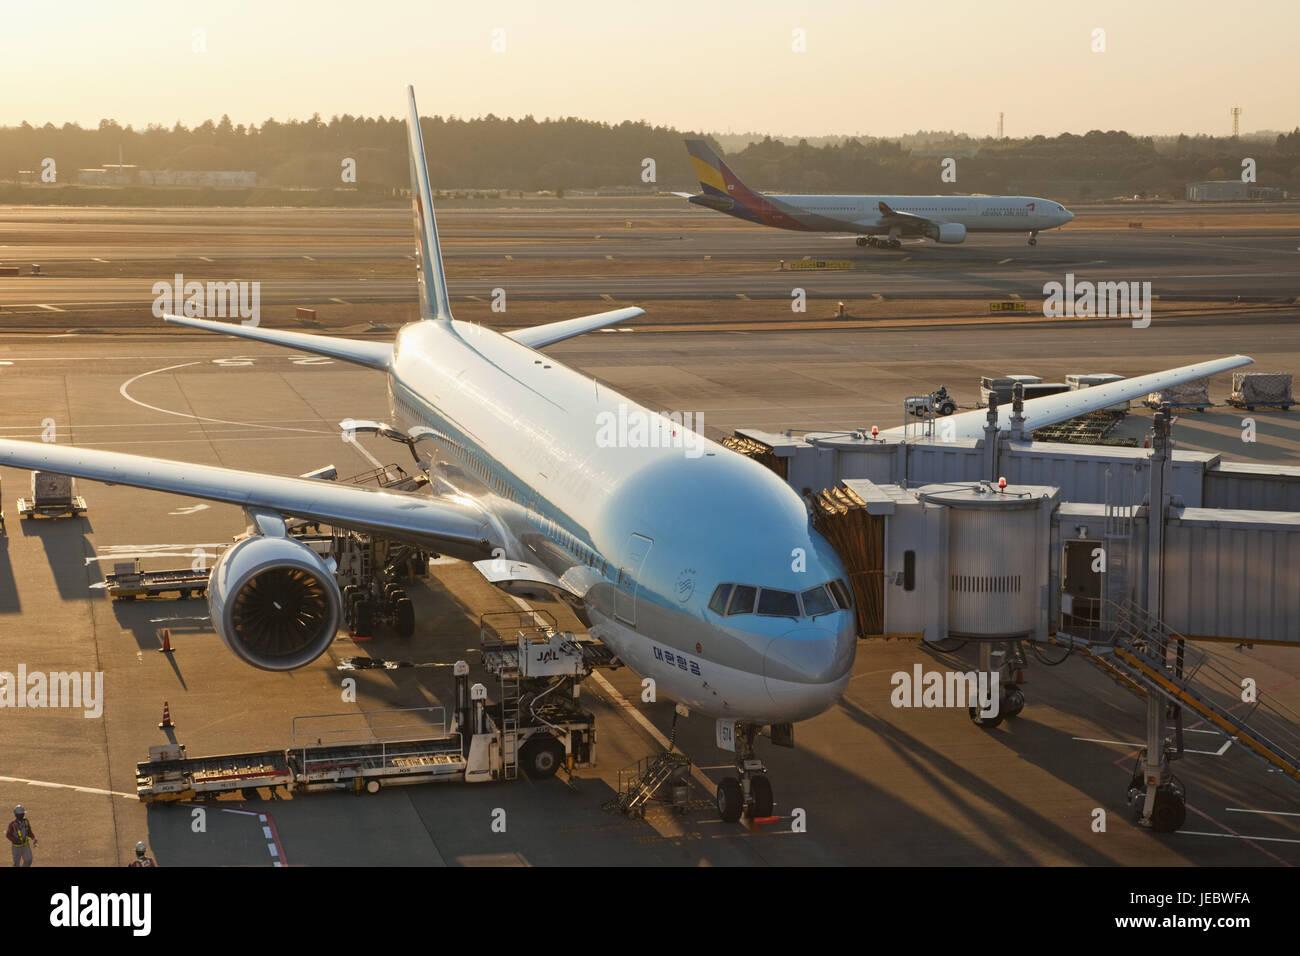 Japan, Tokyo Narita Internationaler Flughafen, Landeplatz, Flugzeuge, Flughafen, außen, Reisen, Reise durch Stockbild